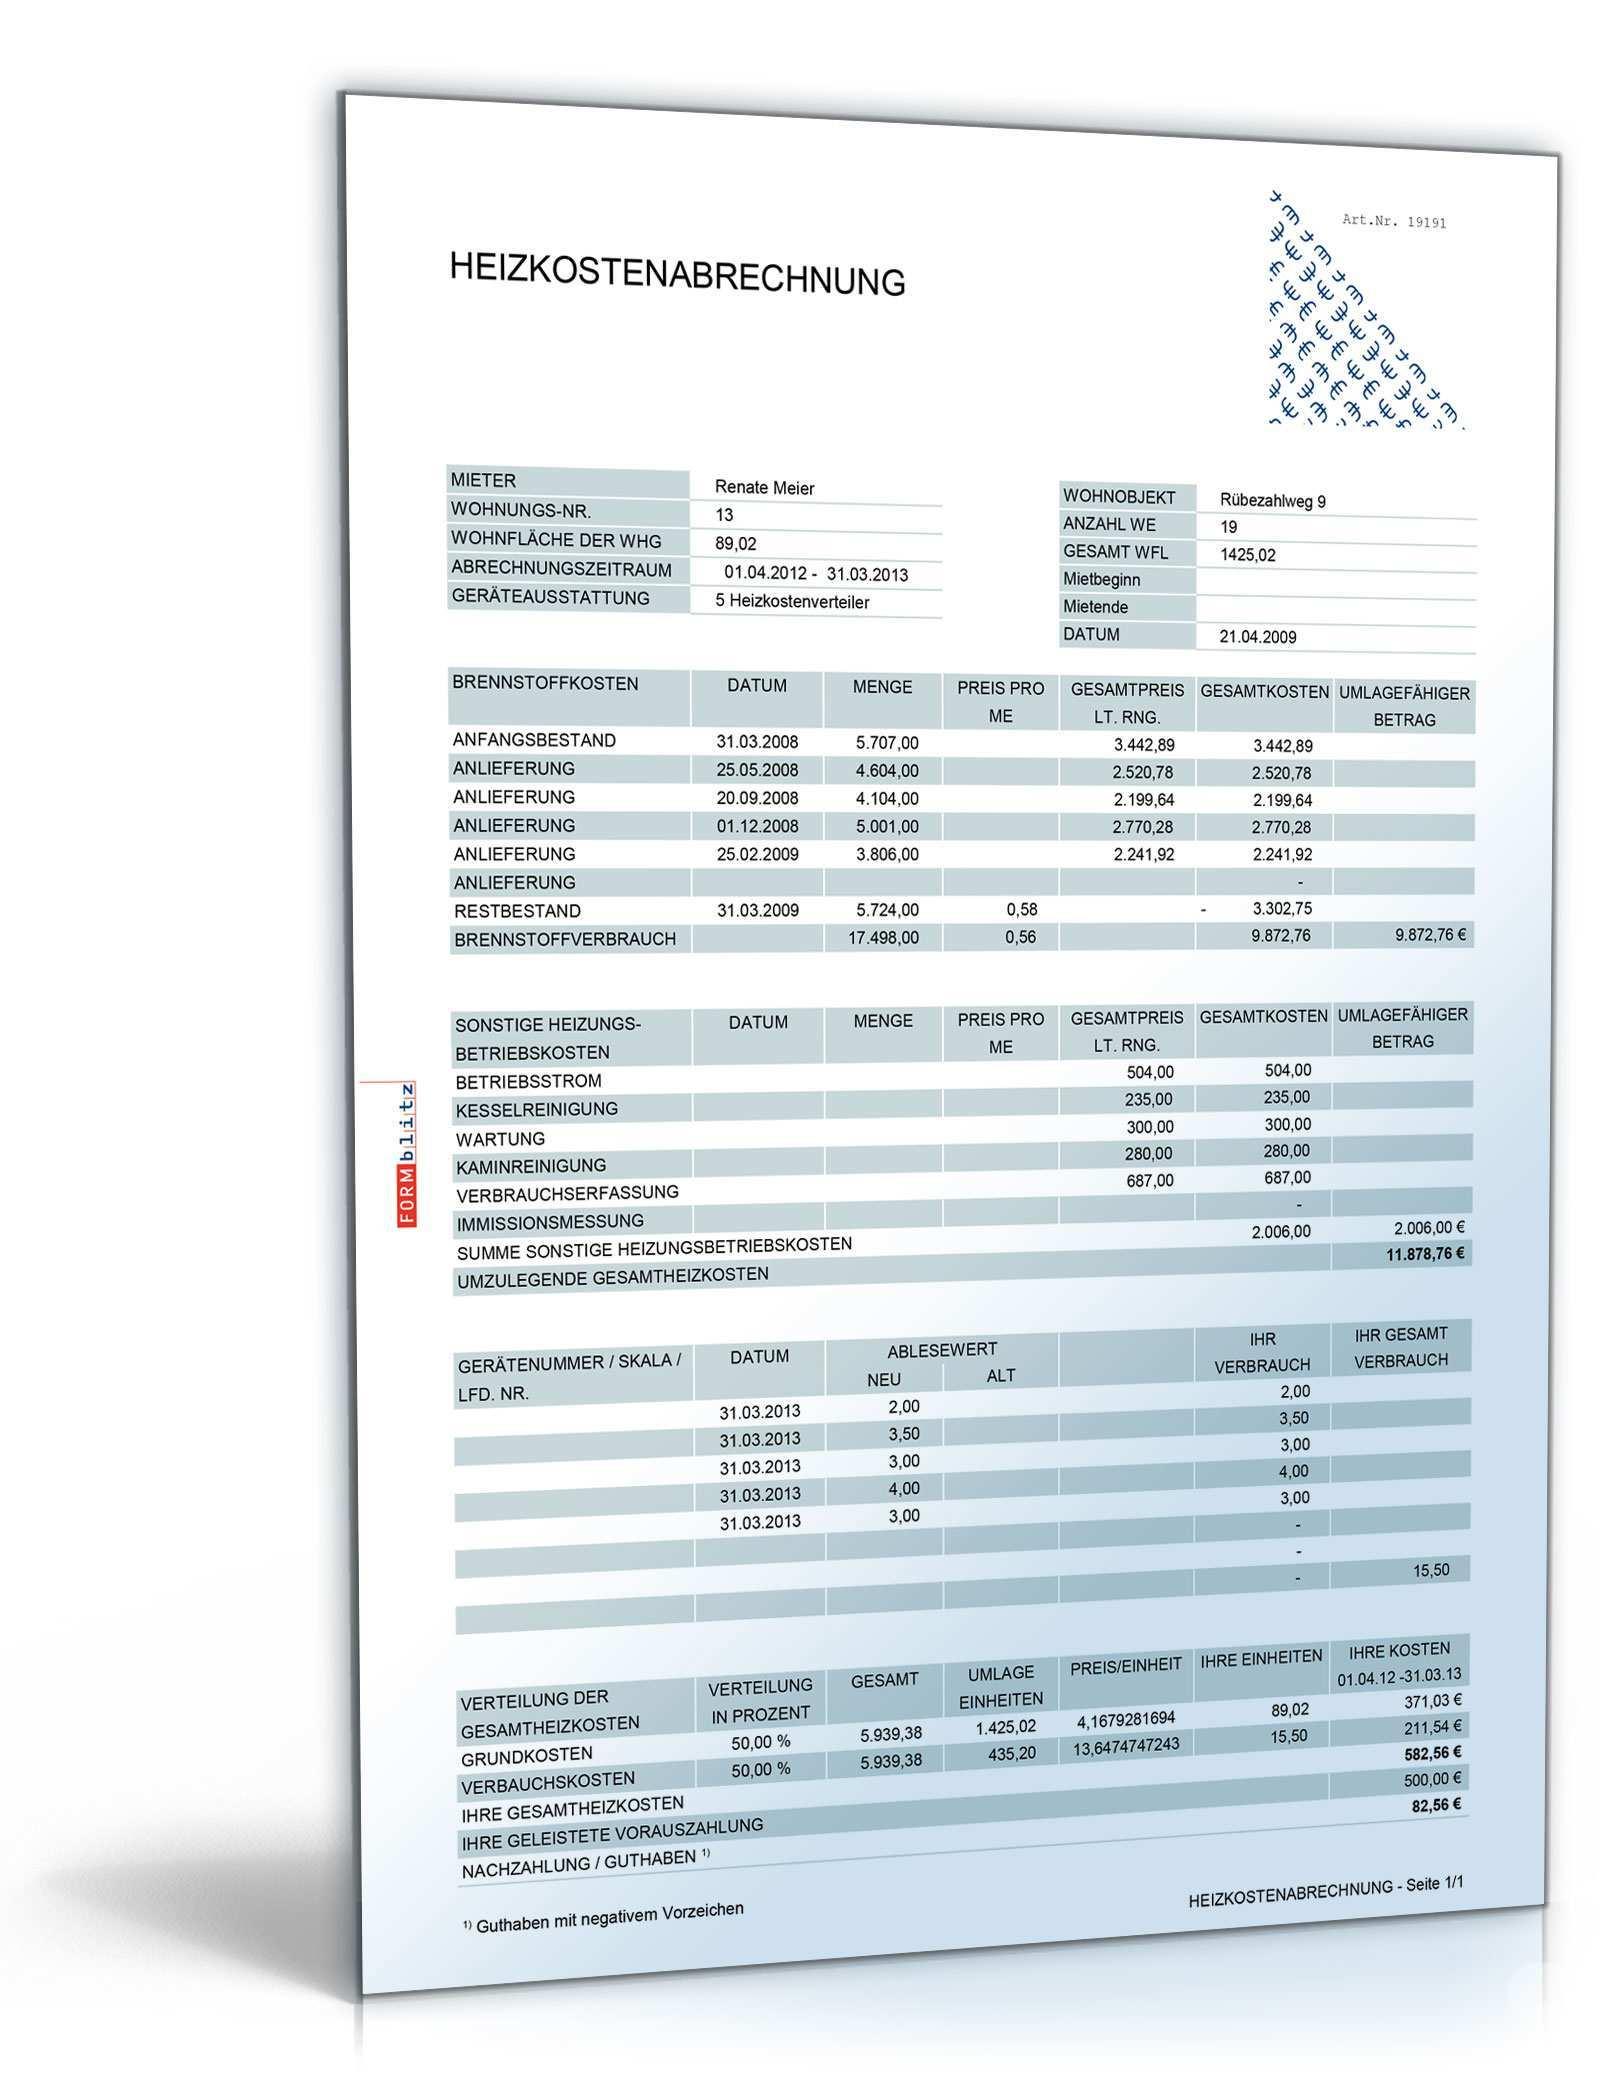 Heizkostenabrechnung De Tabelle Download